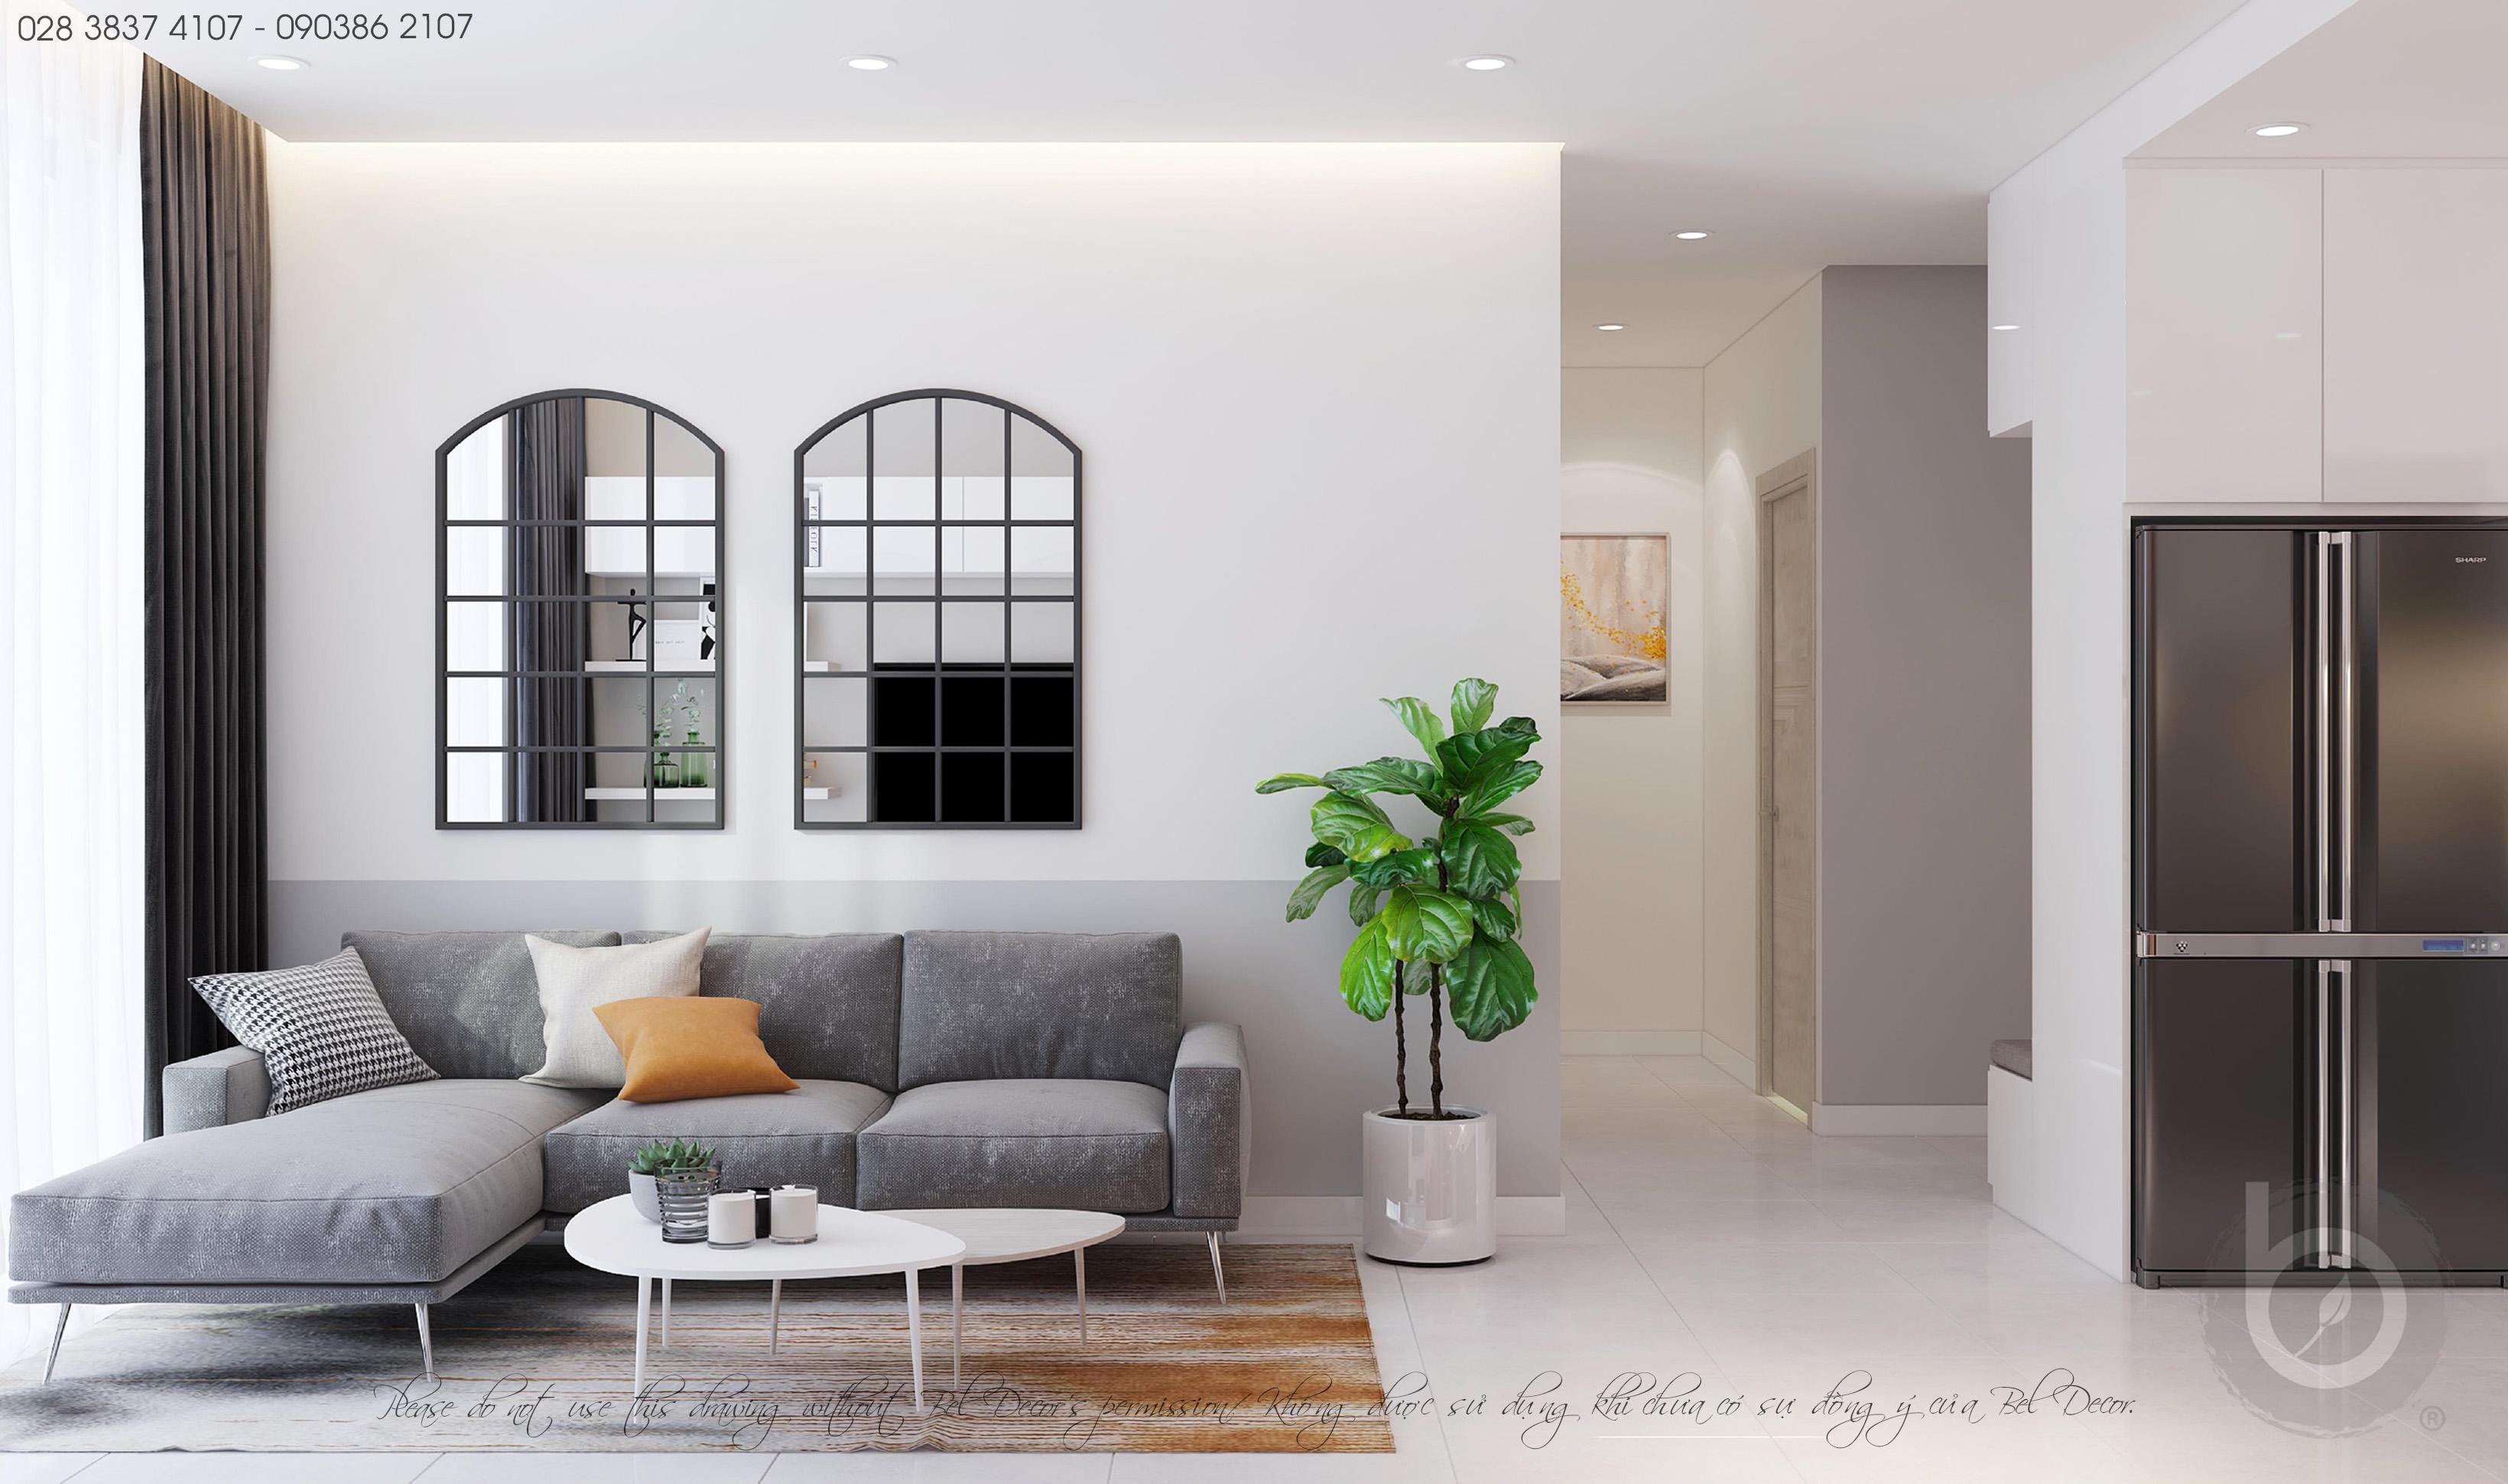 thiết kế nội thất chung cư tại Hồ Chí Minh THIẾT KẾ NỘI THẤT CĂN HỘ (HO1893) 1 1562656157